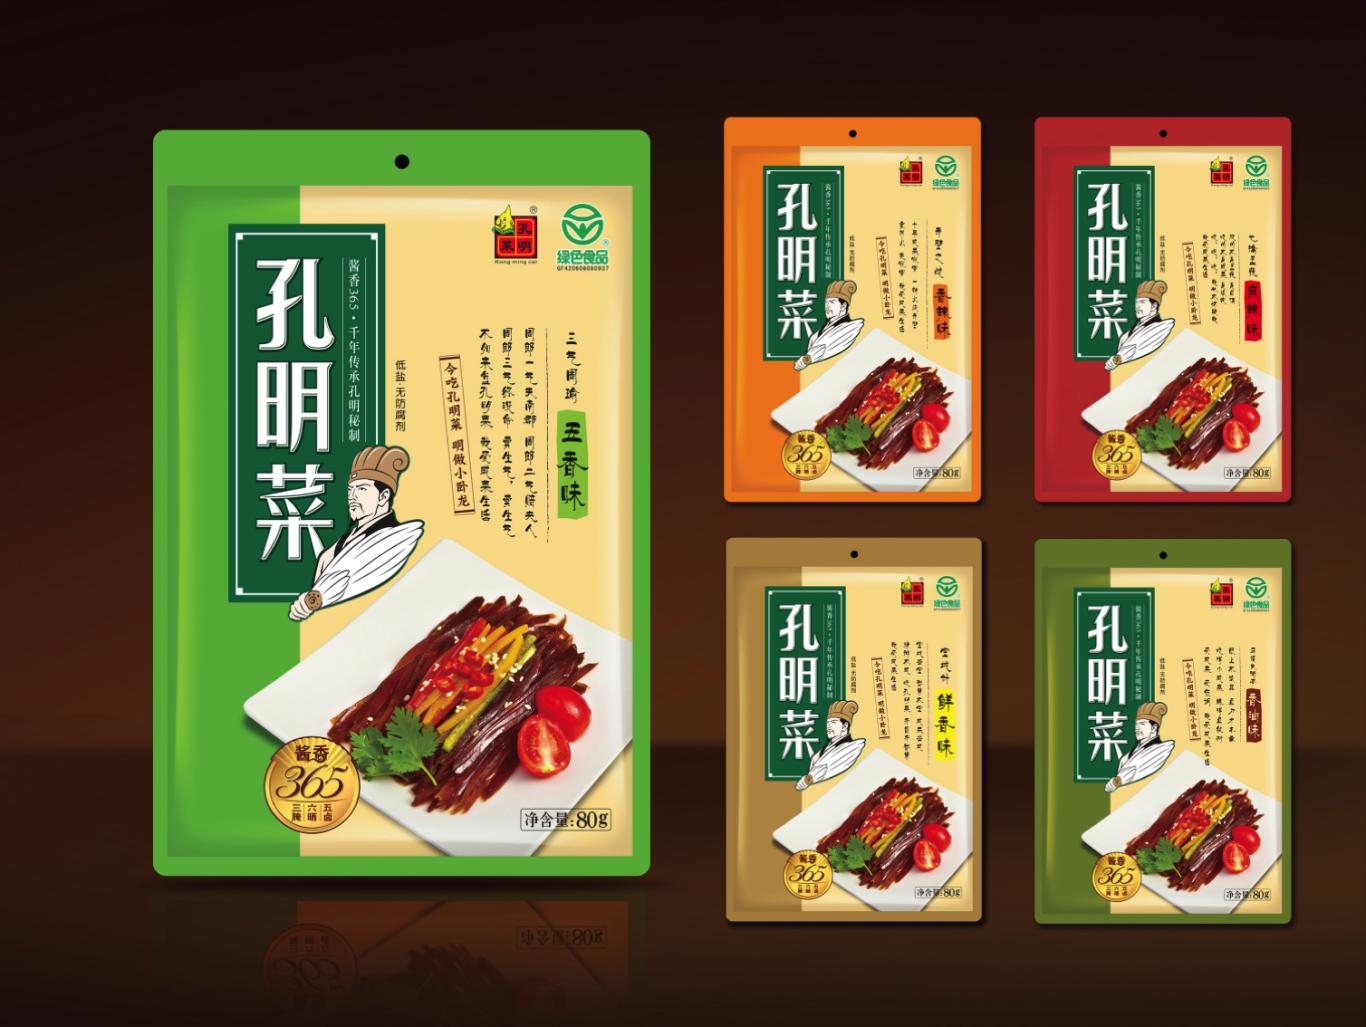 襄阳孔明菜系列产品包装设计图2